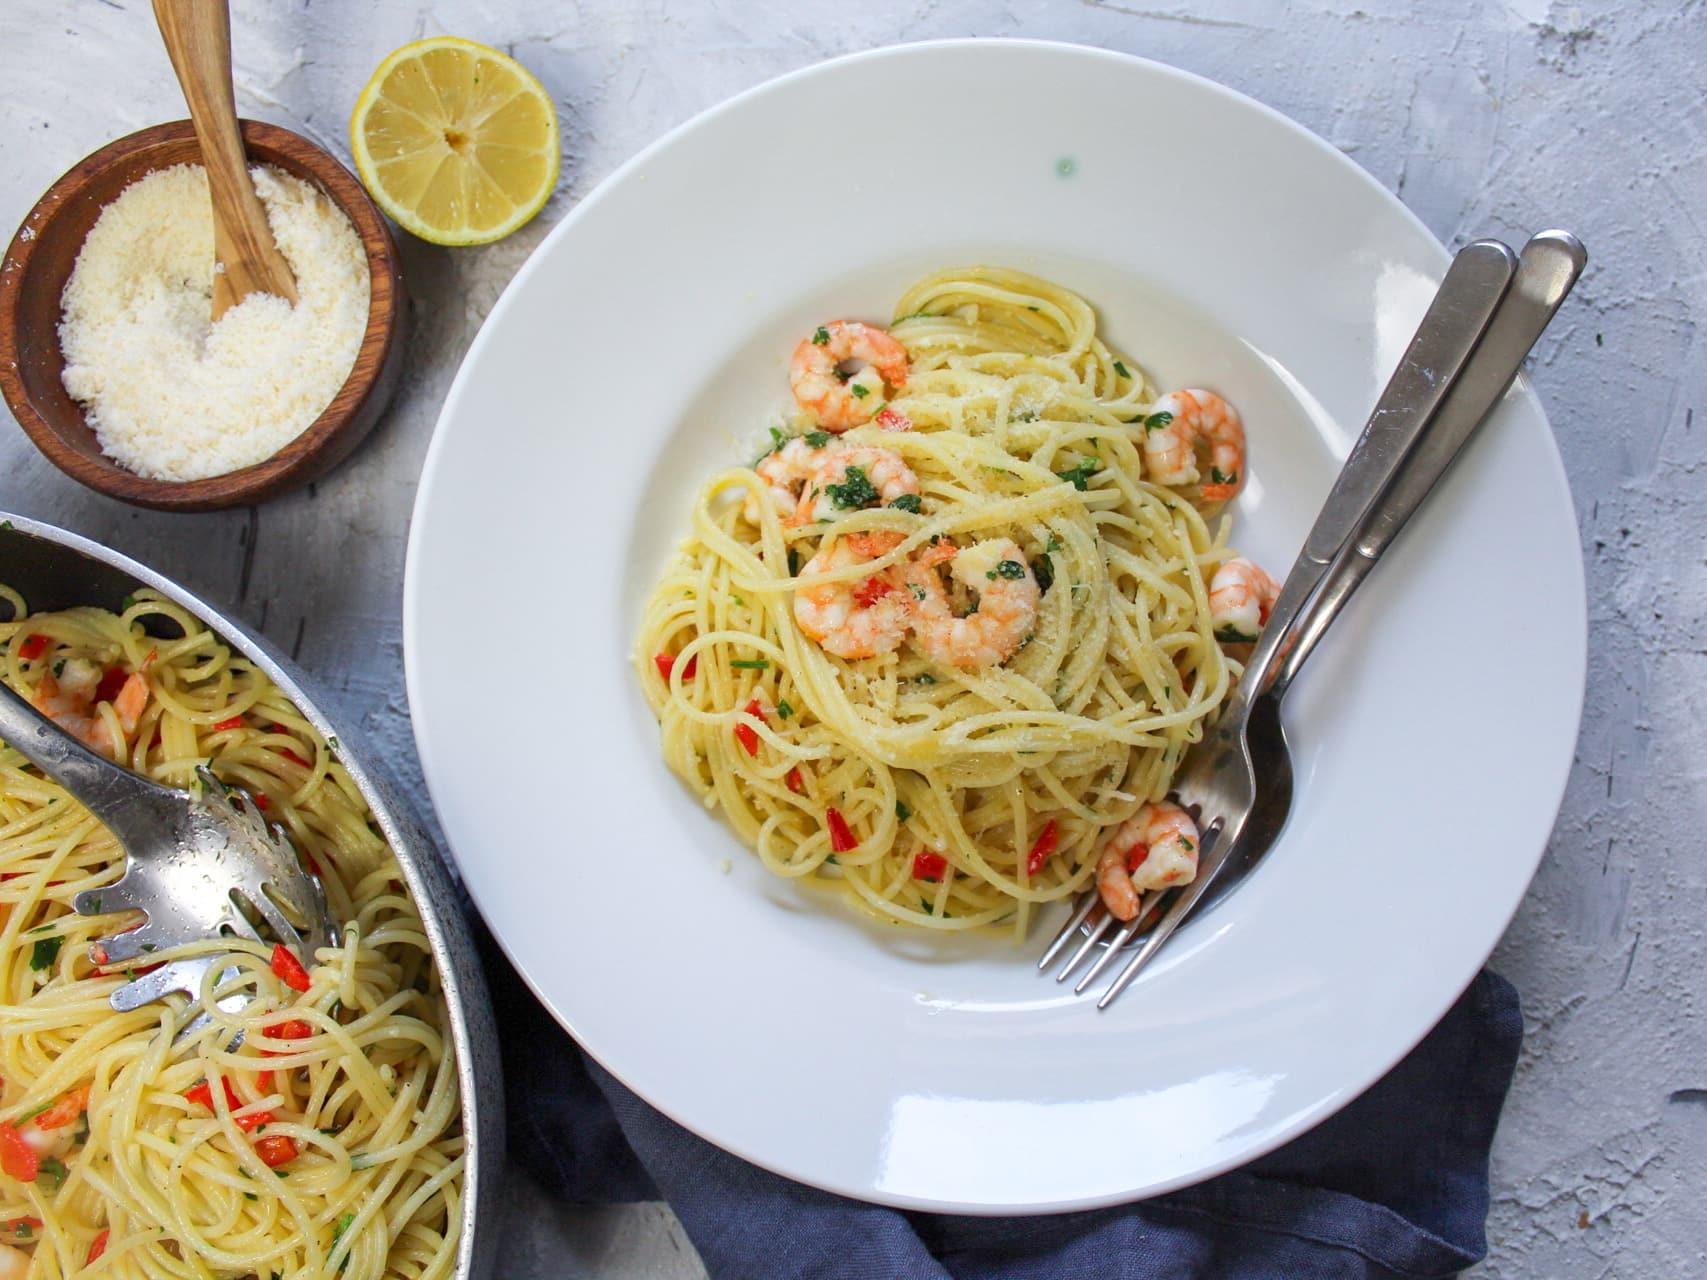 Spaghetti Olio e Aglio mit Garnelen und Chili